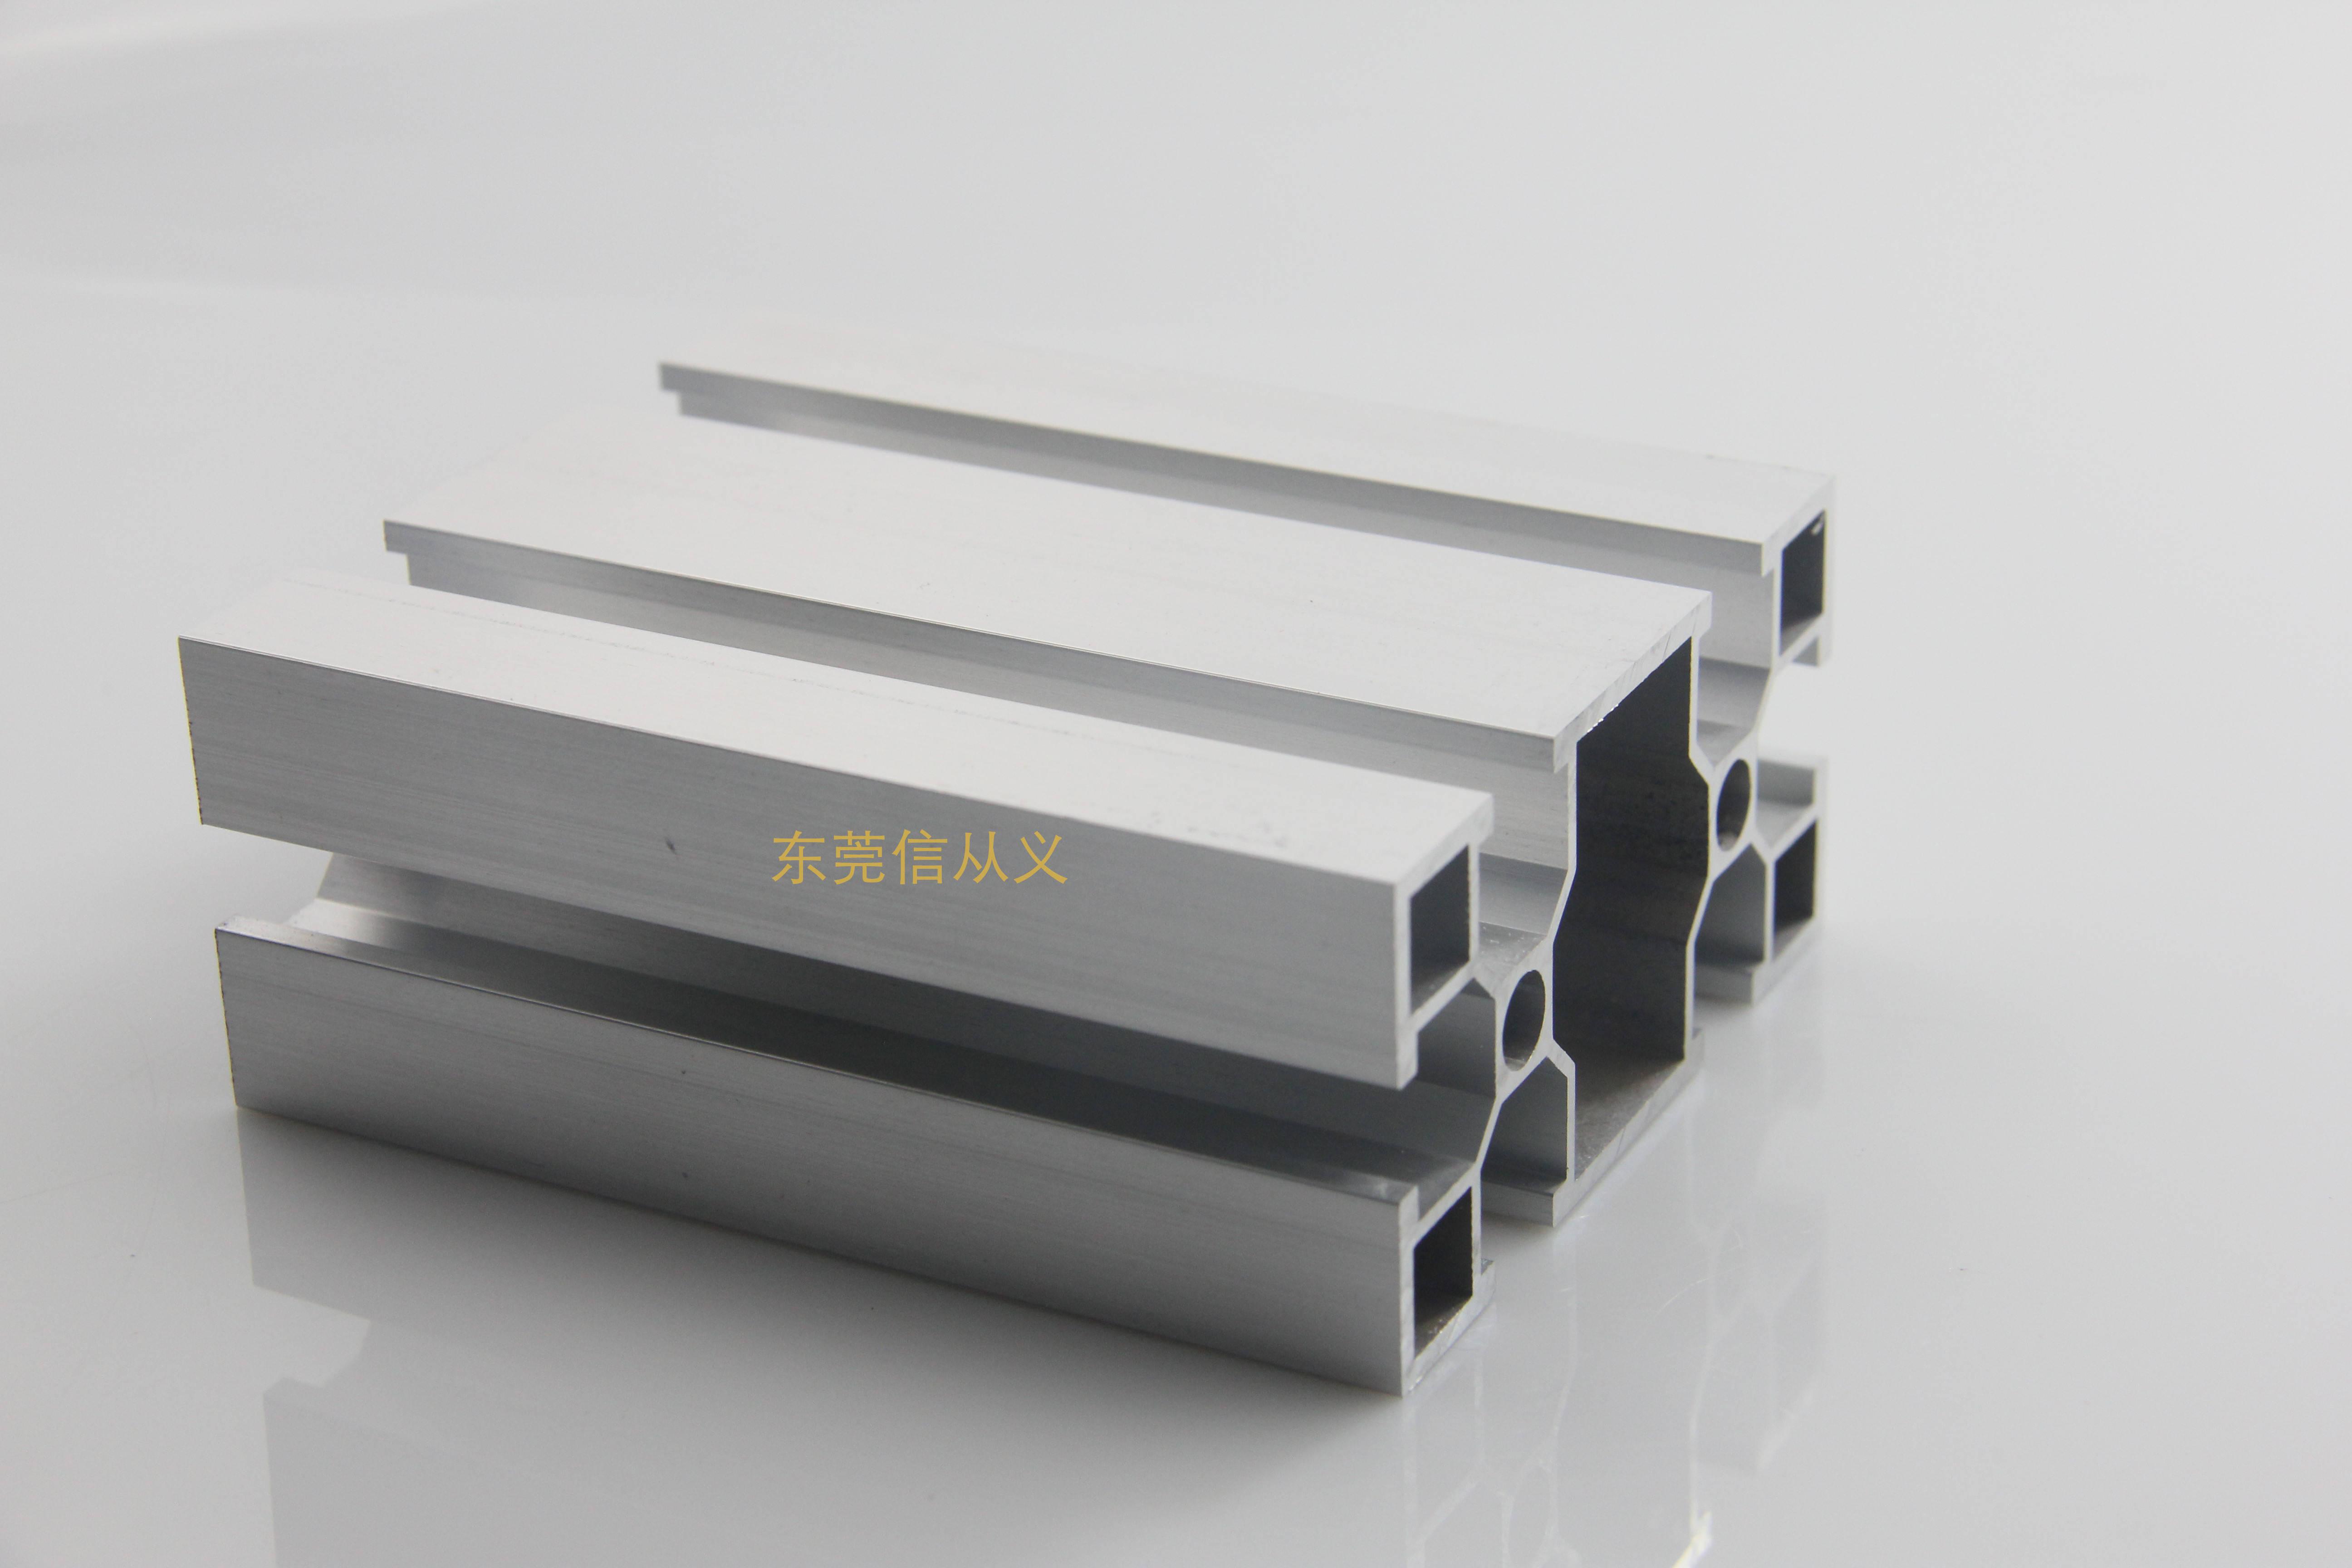 工业流水线铝型材让采购更放心